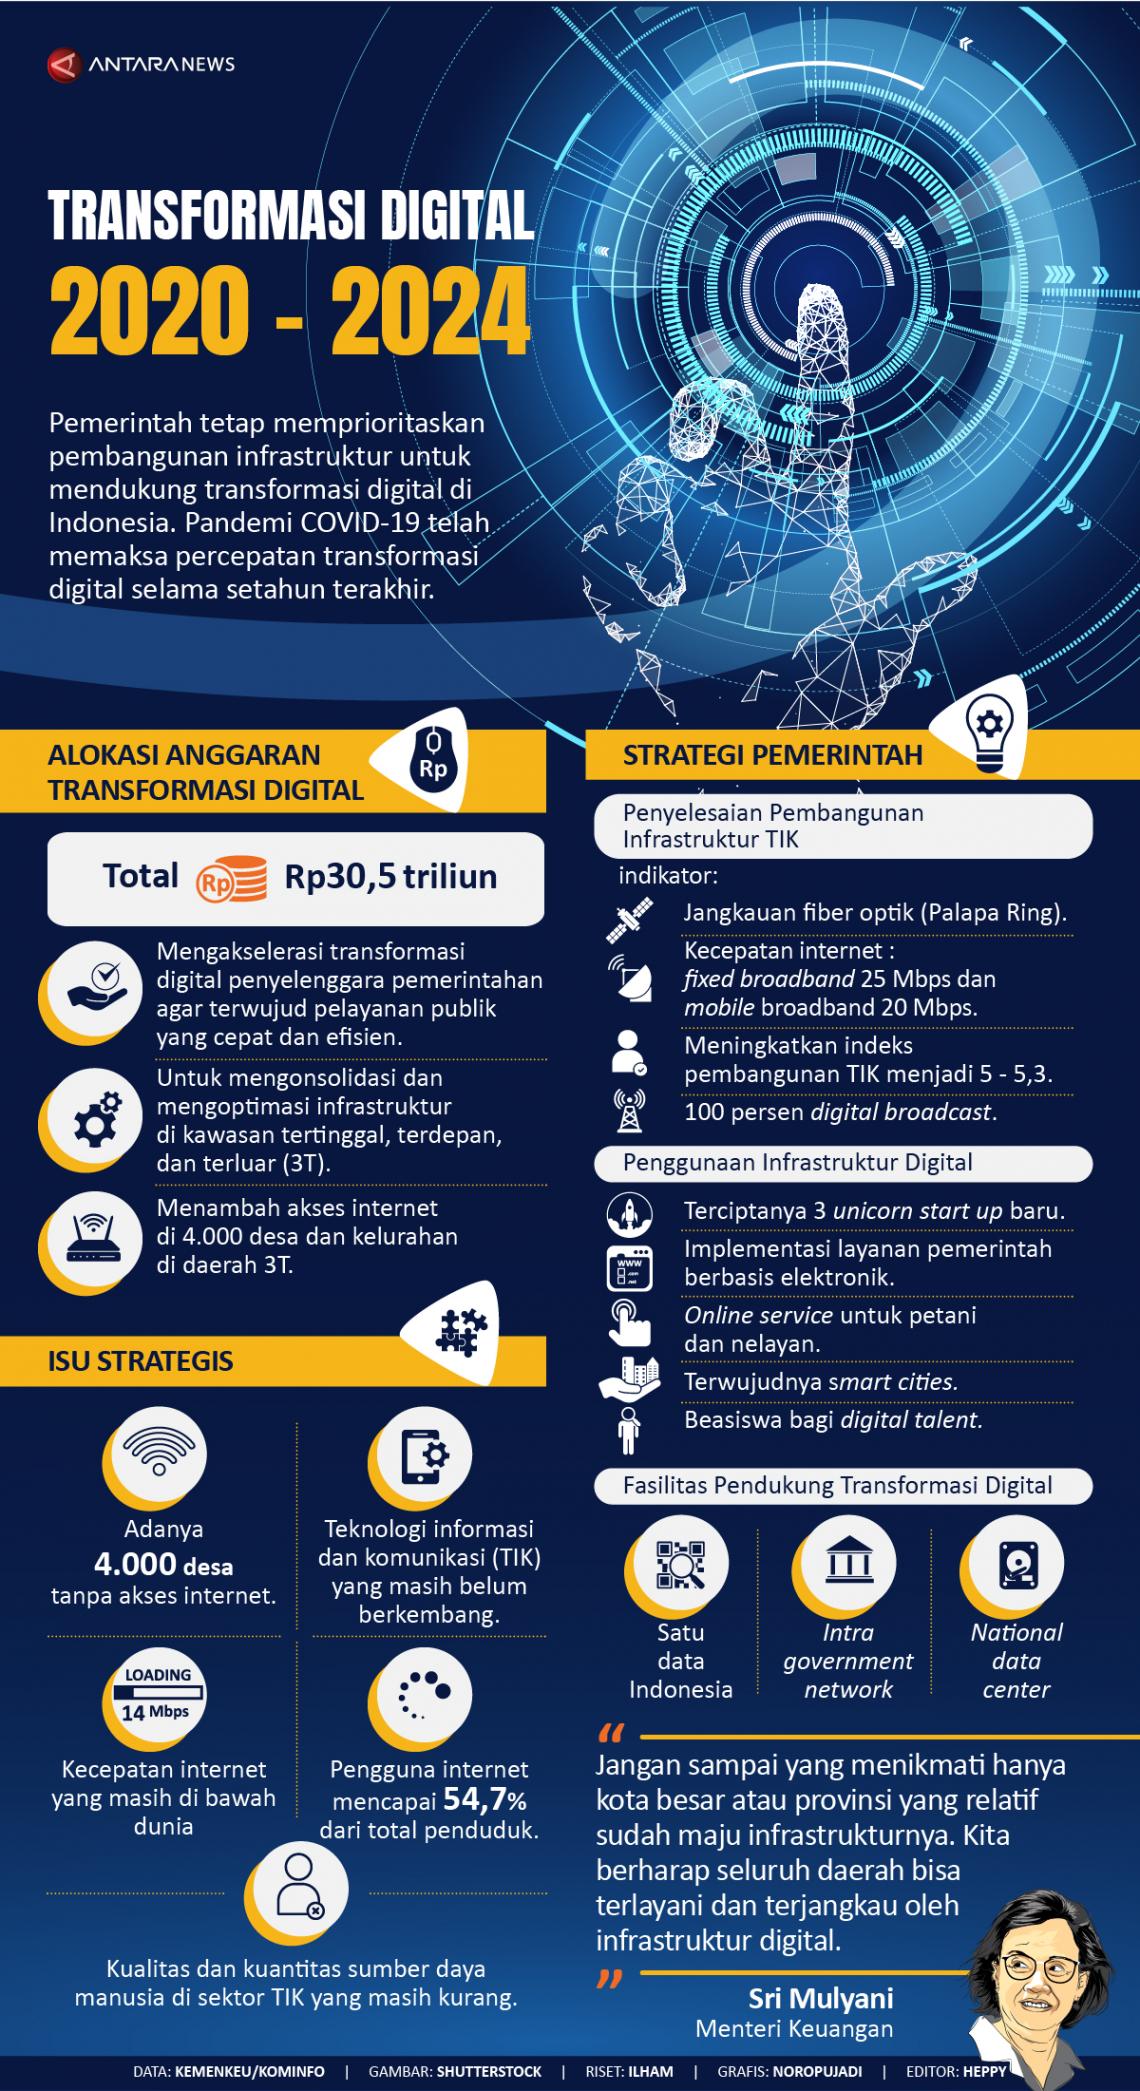 Transformasi digital 2020-2024